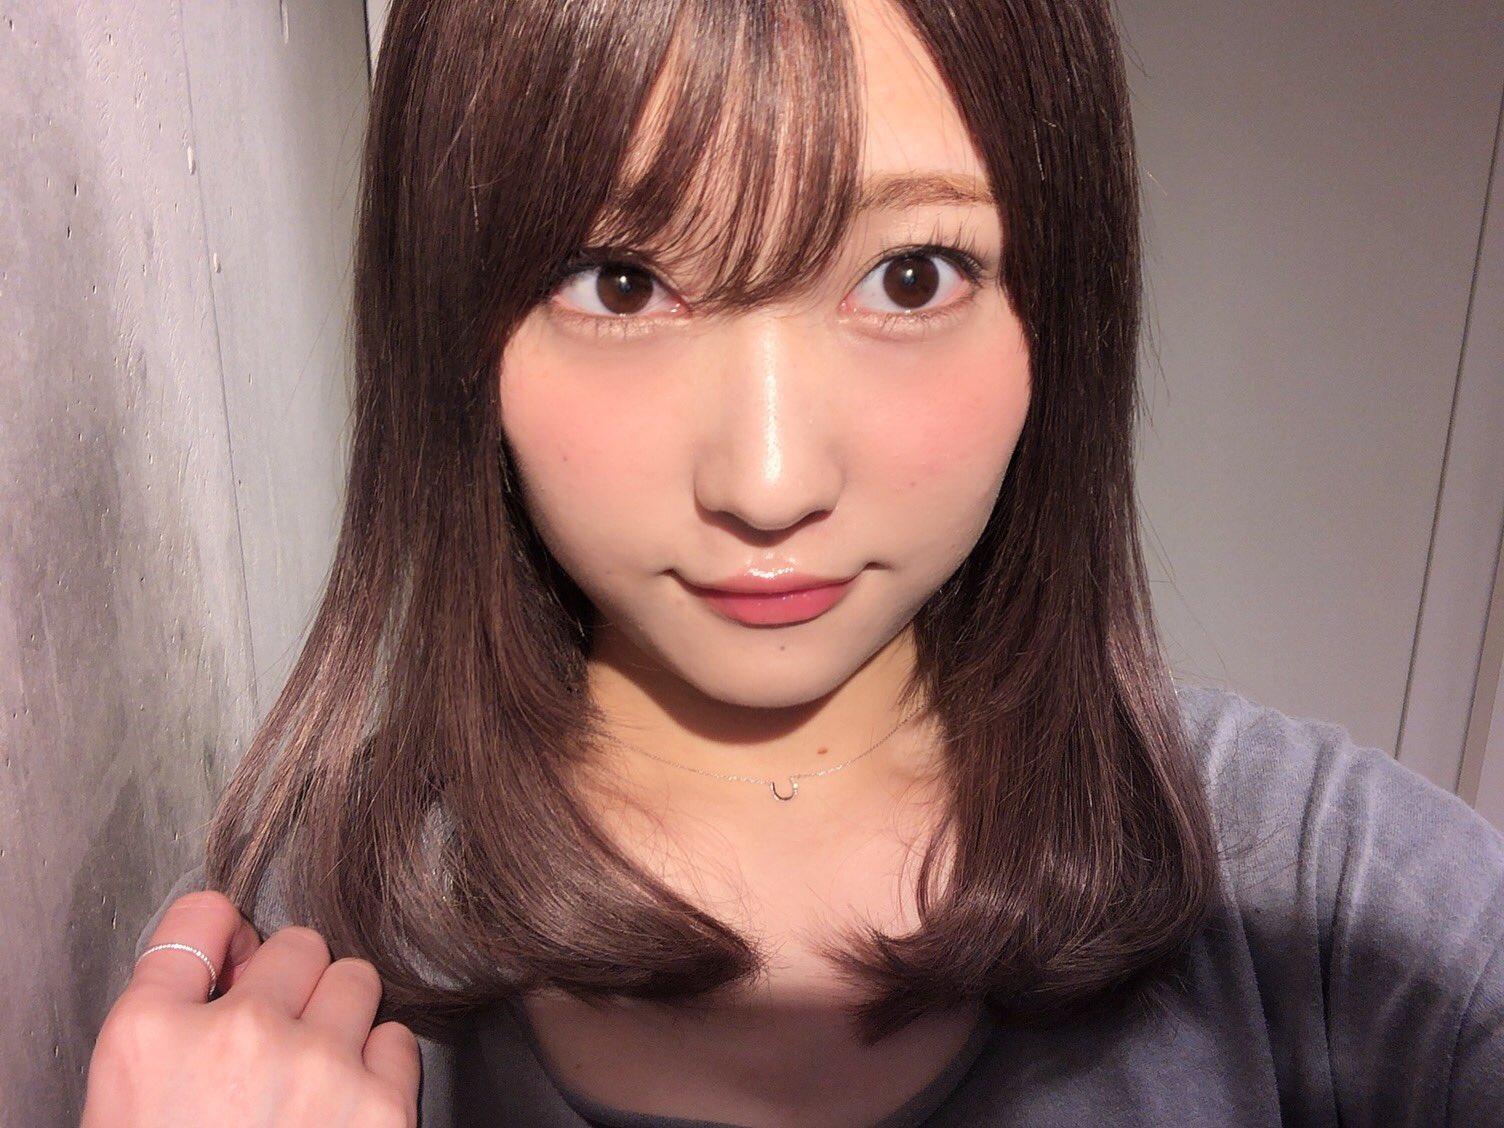 所 事務 志田 愛佳 喜多乃愛の血液型と事務所やwikiプロフを調査!志田未来似か画像で検証!